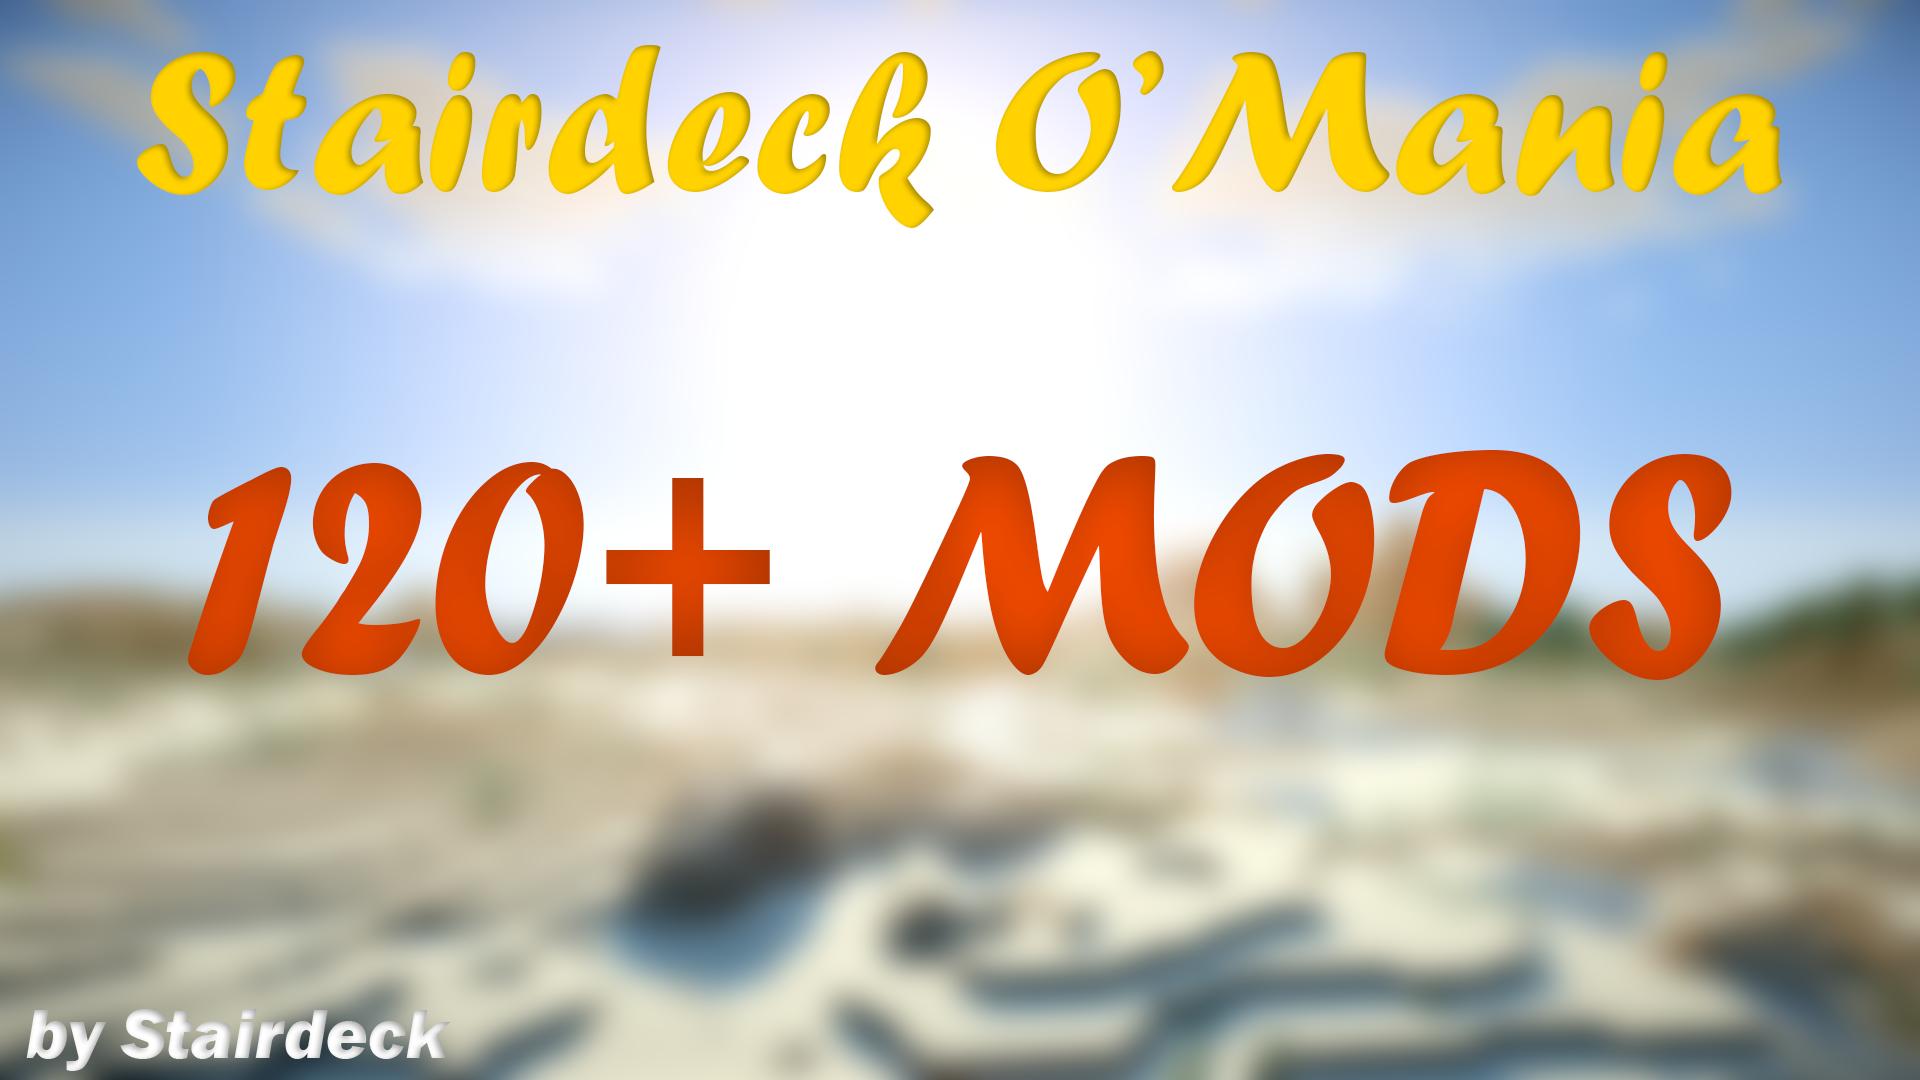 [1.7.10][120+ MODS]Stairdeck O'Mania v 1.0! - возвращение легендарной солянки!